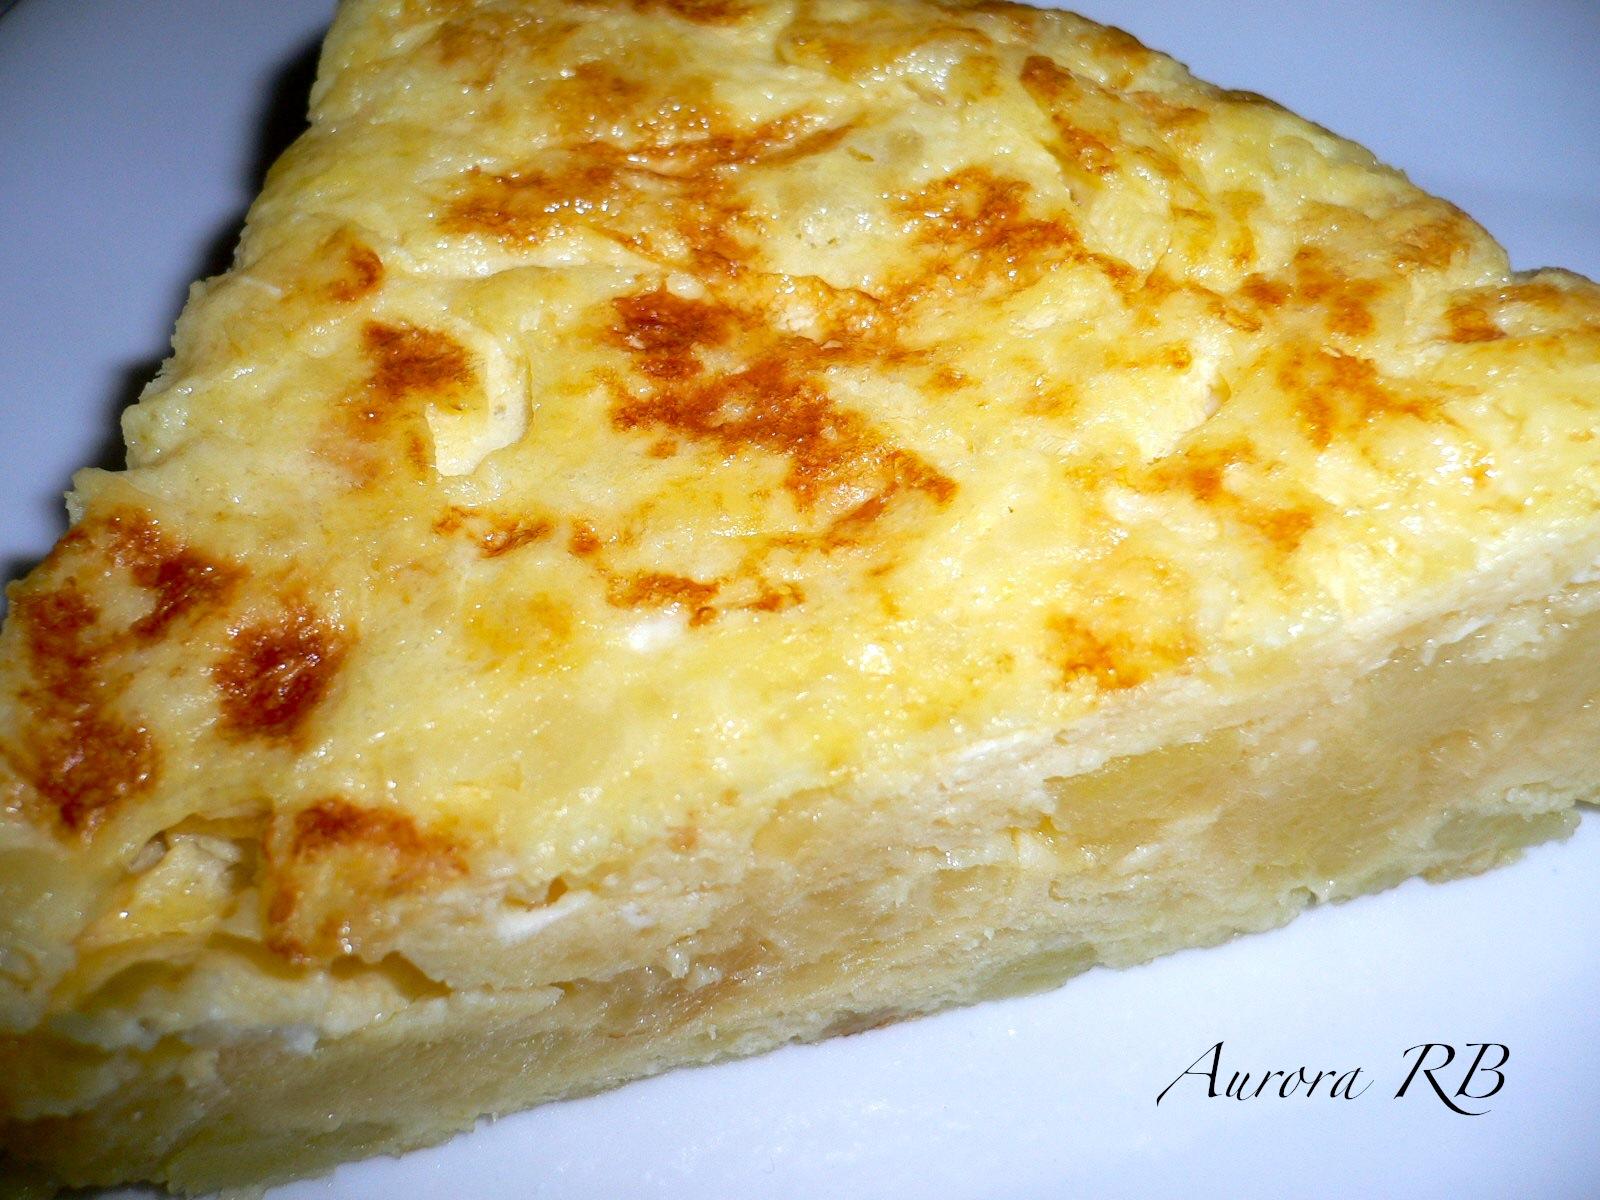 Las recetas de Aurora: Tortilla de patatas con cebolla